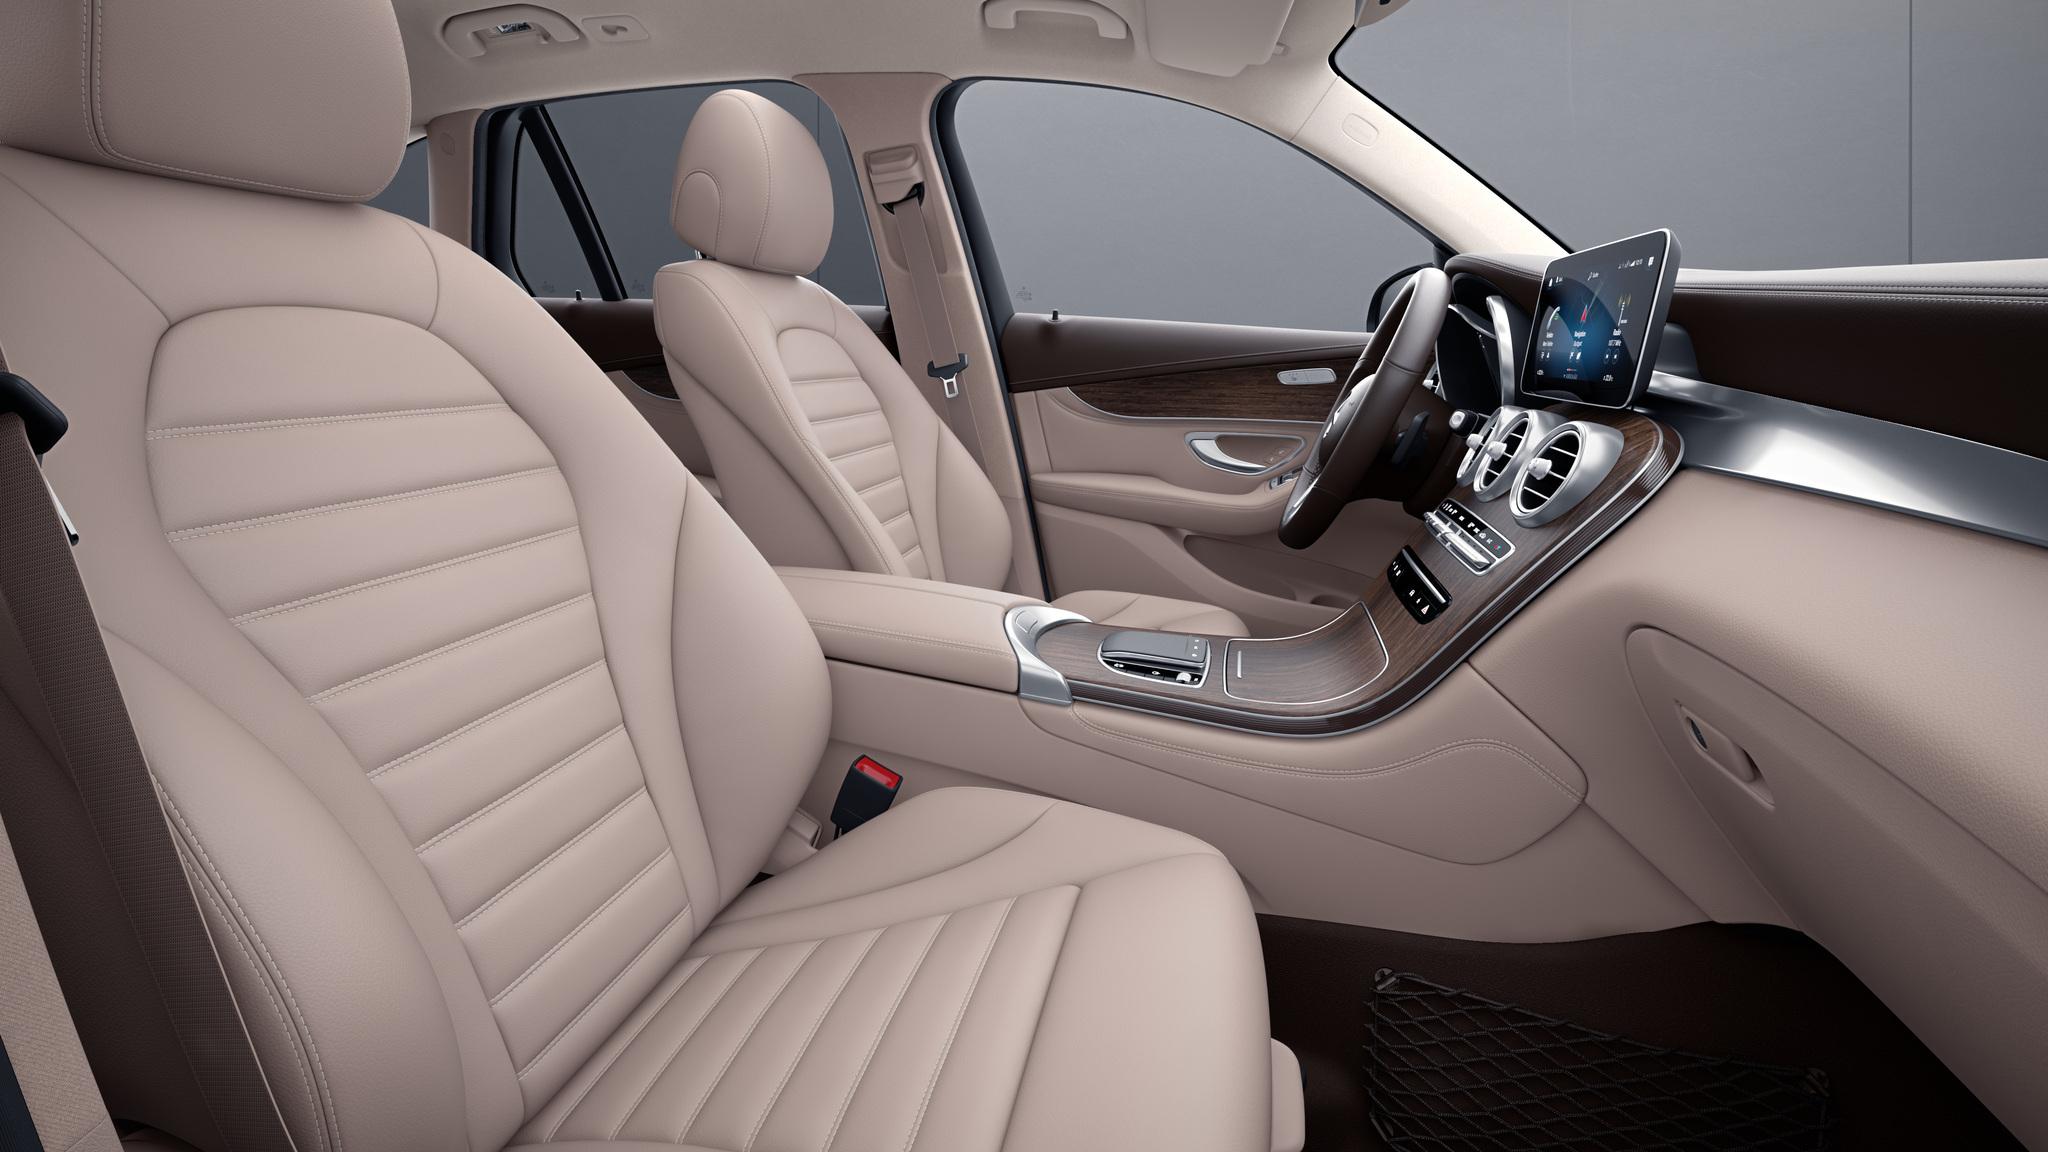 Habitacle de la Mercedes GLC Coupé  avec une Sellerie cuir - beige soie naturelle marron expresso